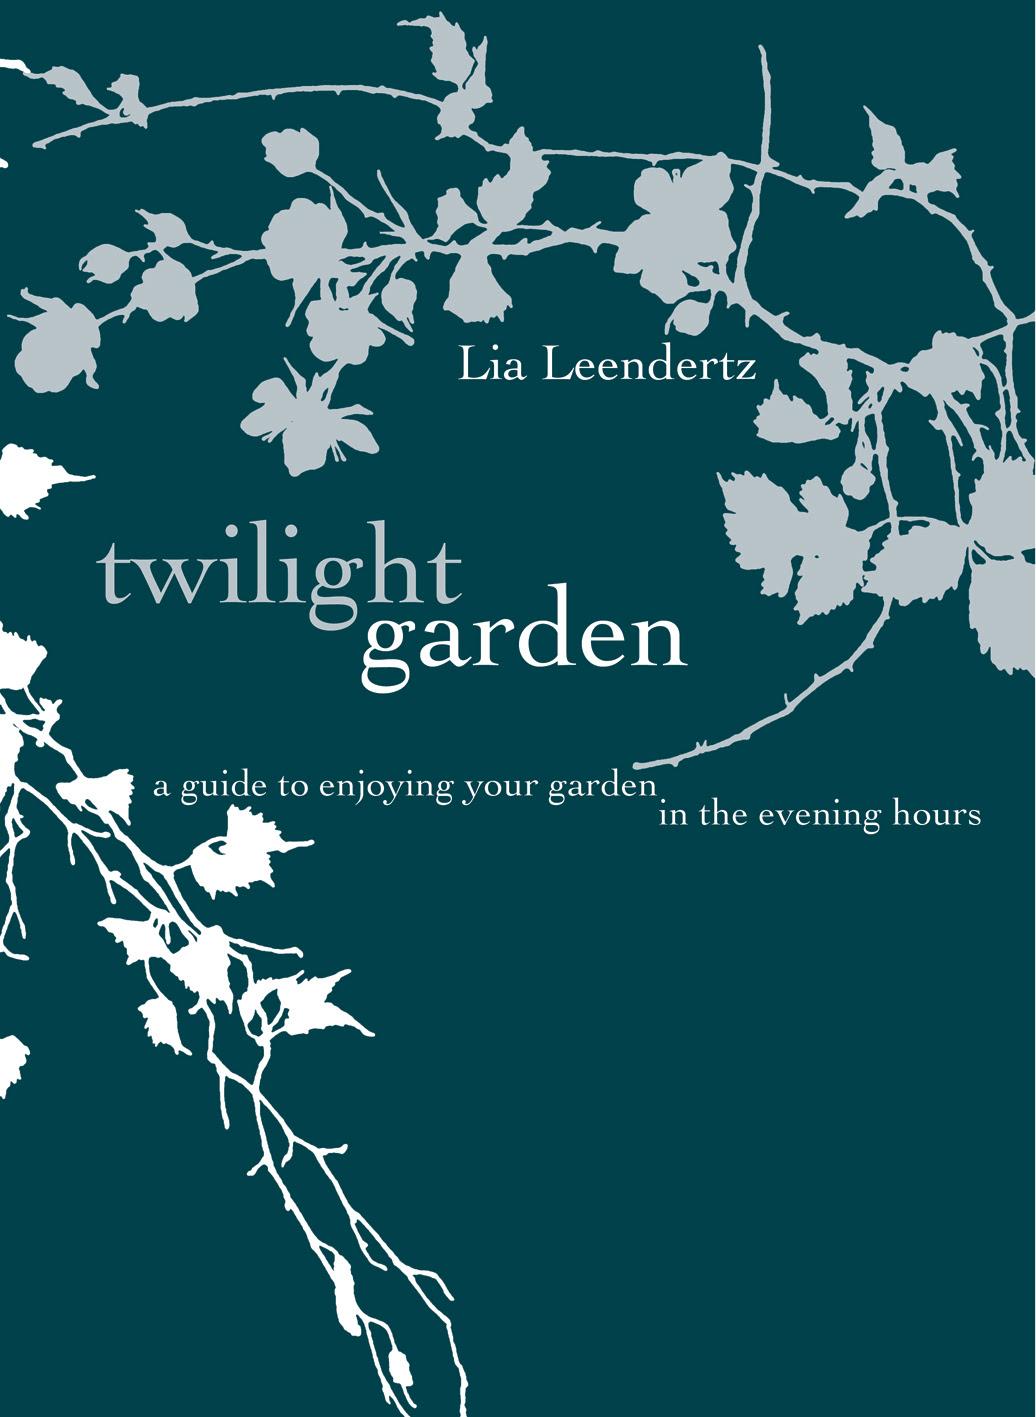 twilight-garden-lia-leendertz